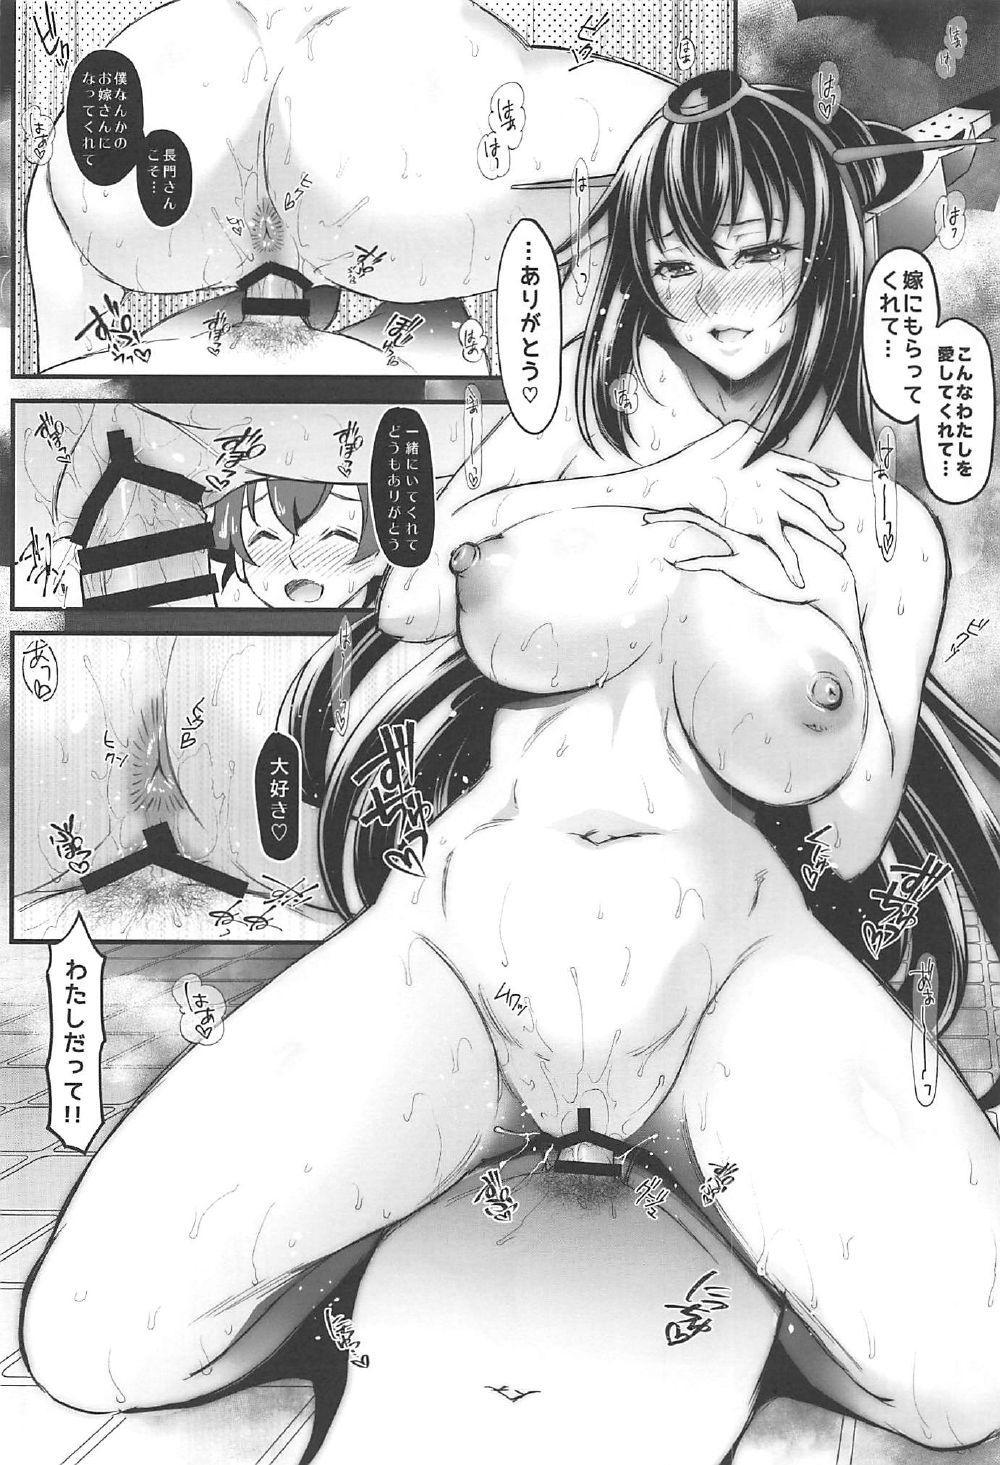 Nagato-san no Shinkon Seikatsu 18